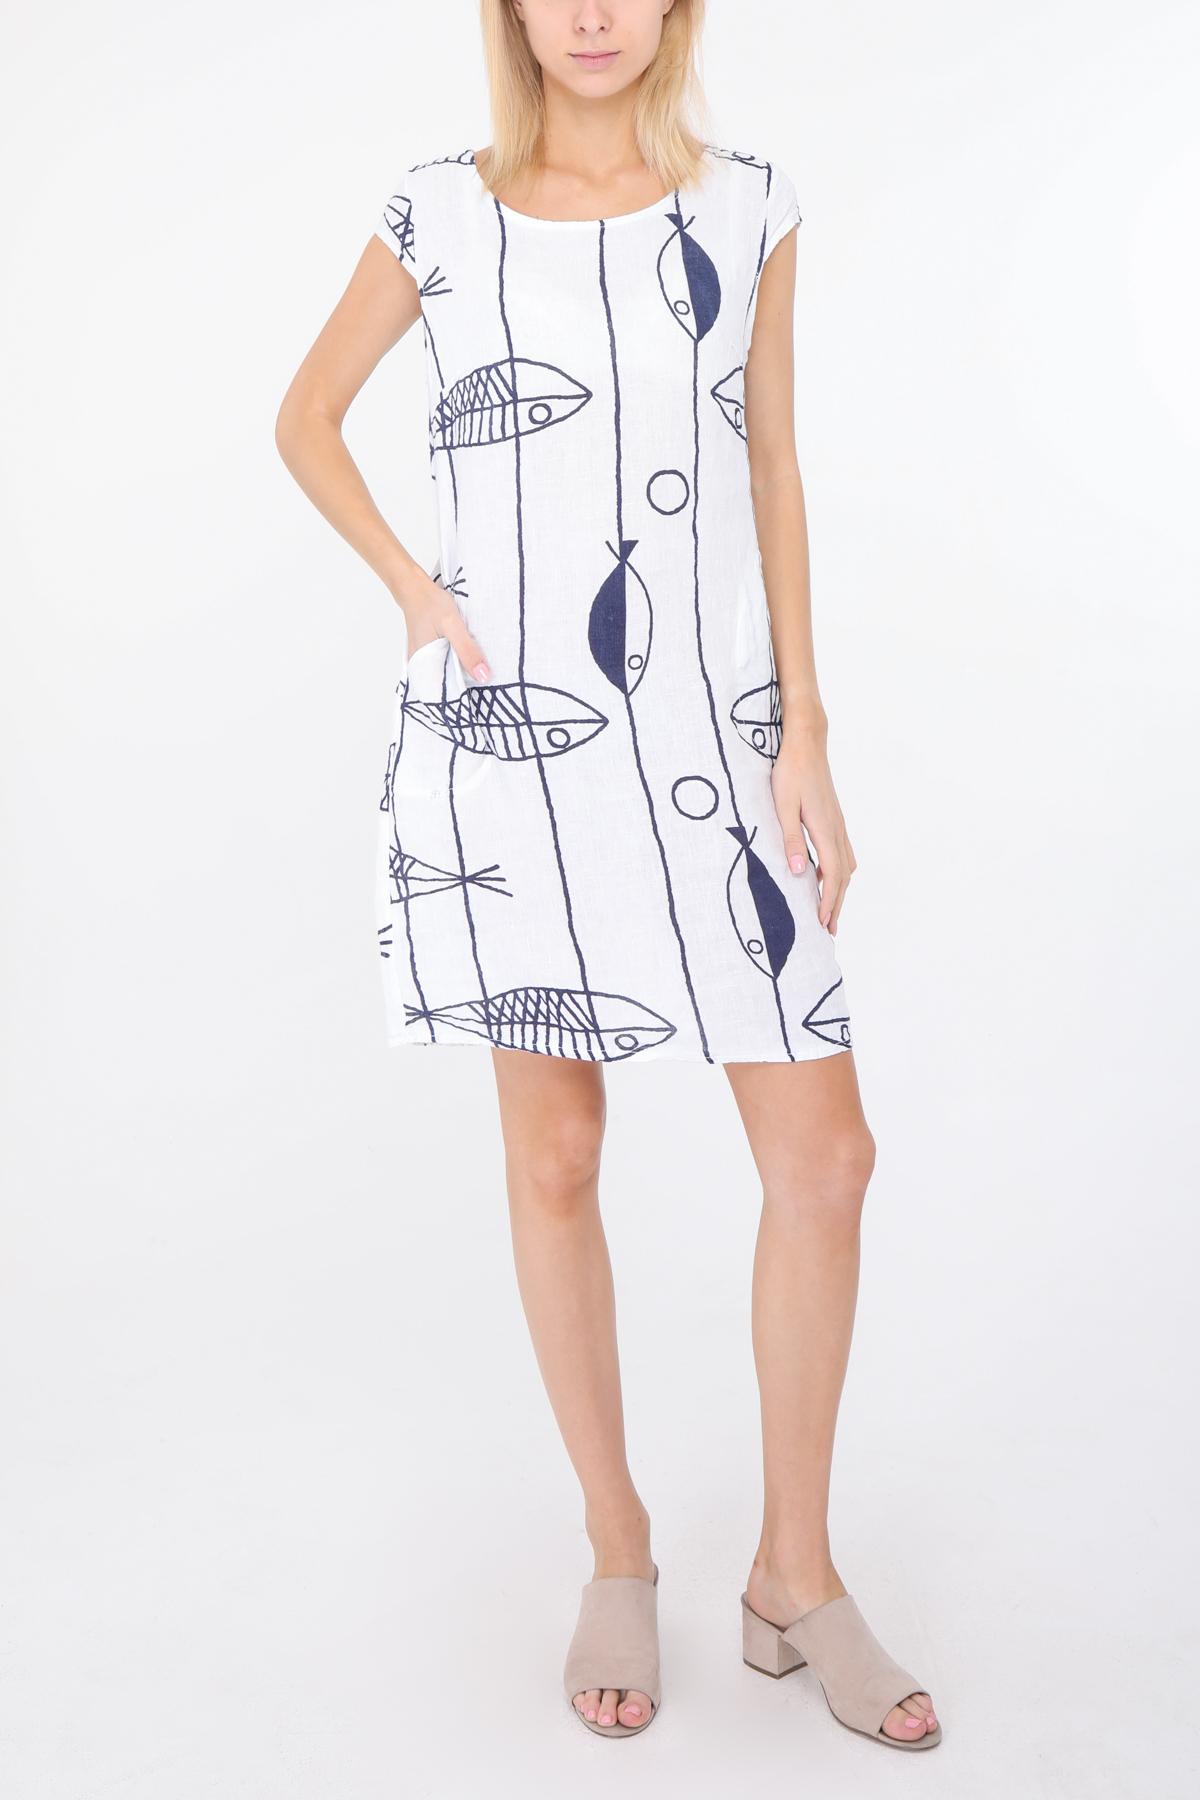 Robes courtes Femme Blanc Happy Look 1991POISSON #c eFashion Paris